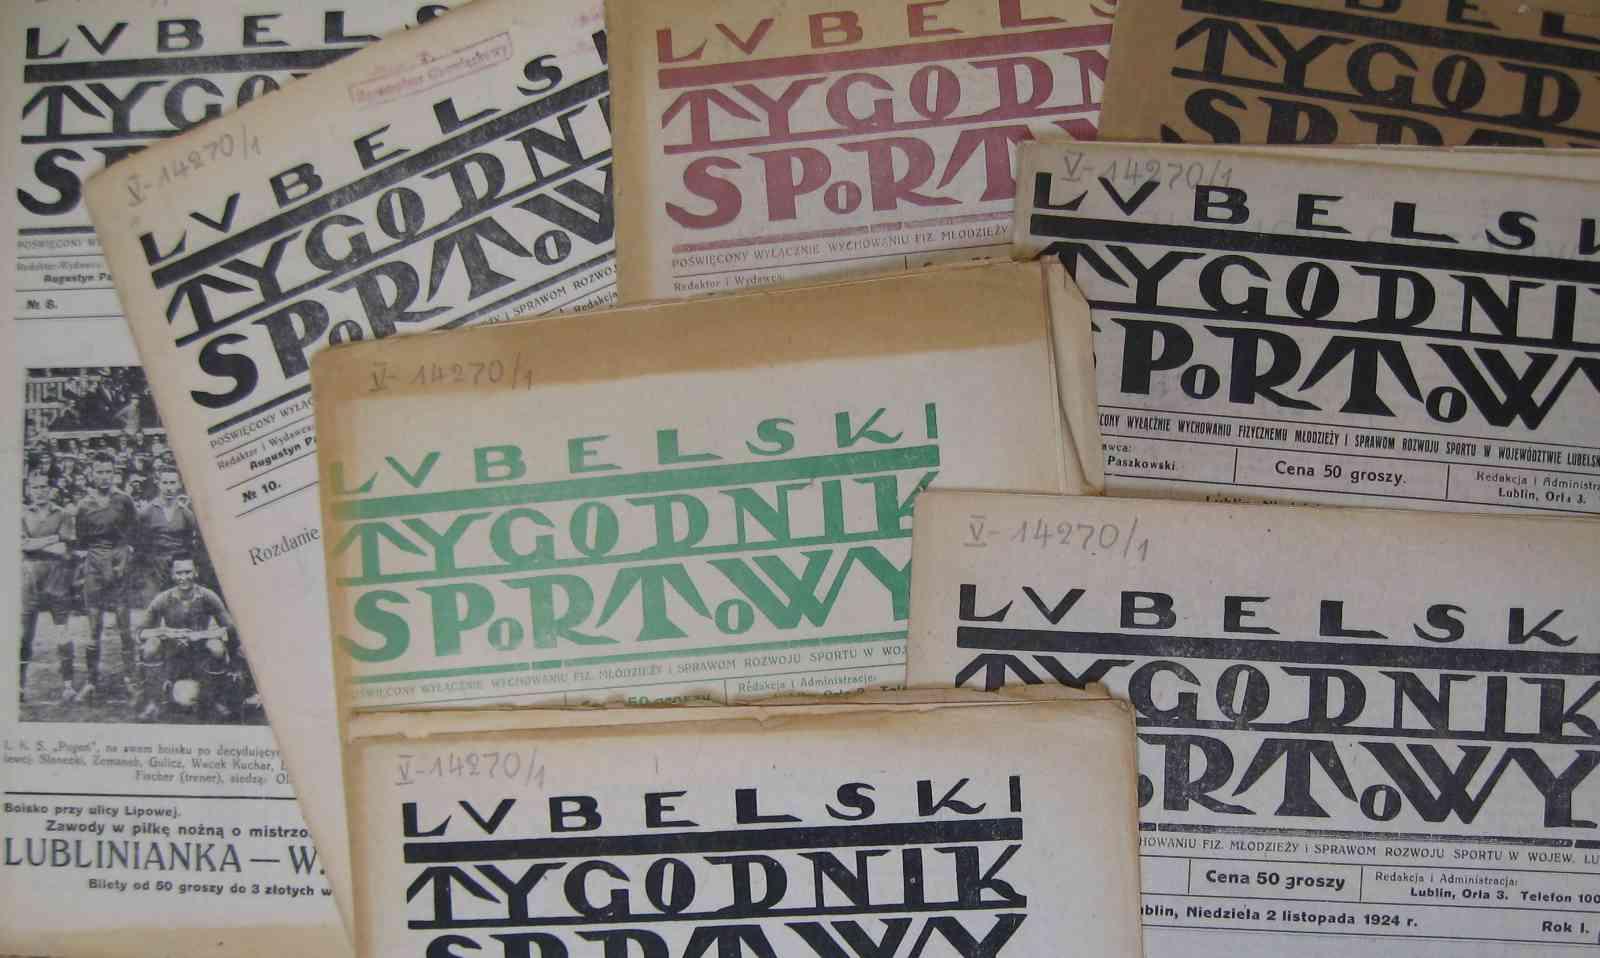 """""""Lubelski Tygodnik Sportowy""""  z lat 1924-1925"""